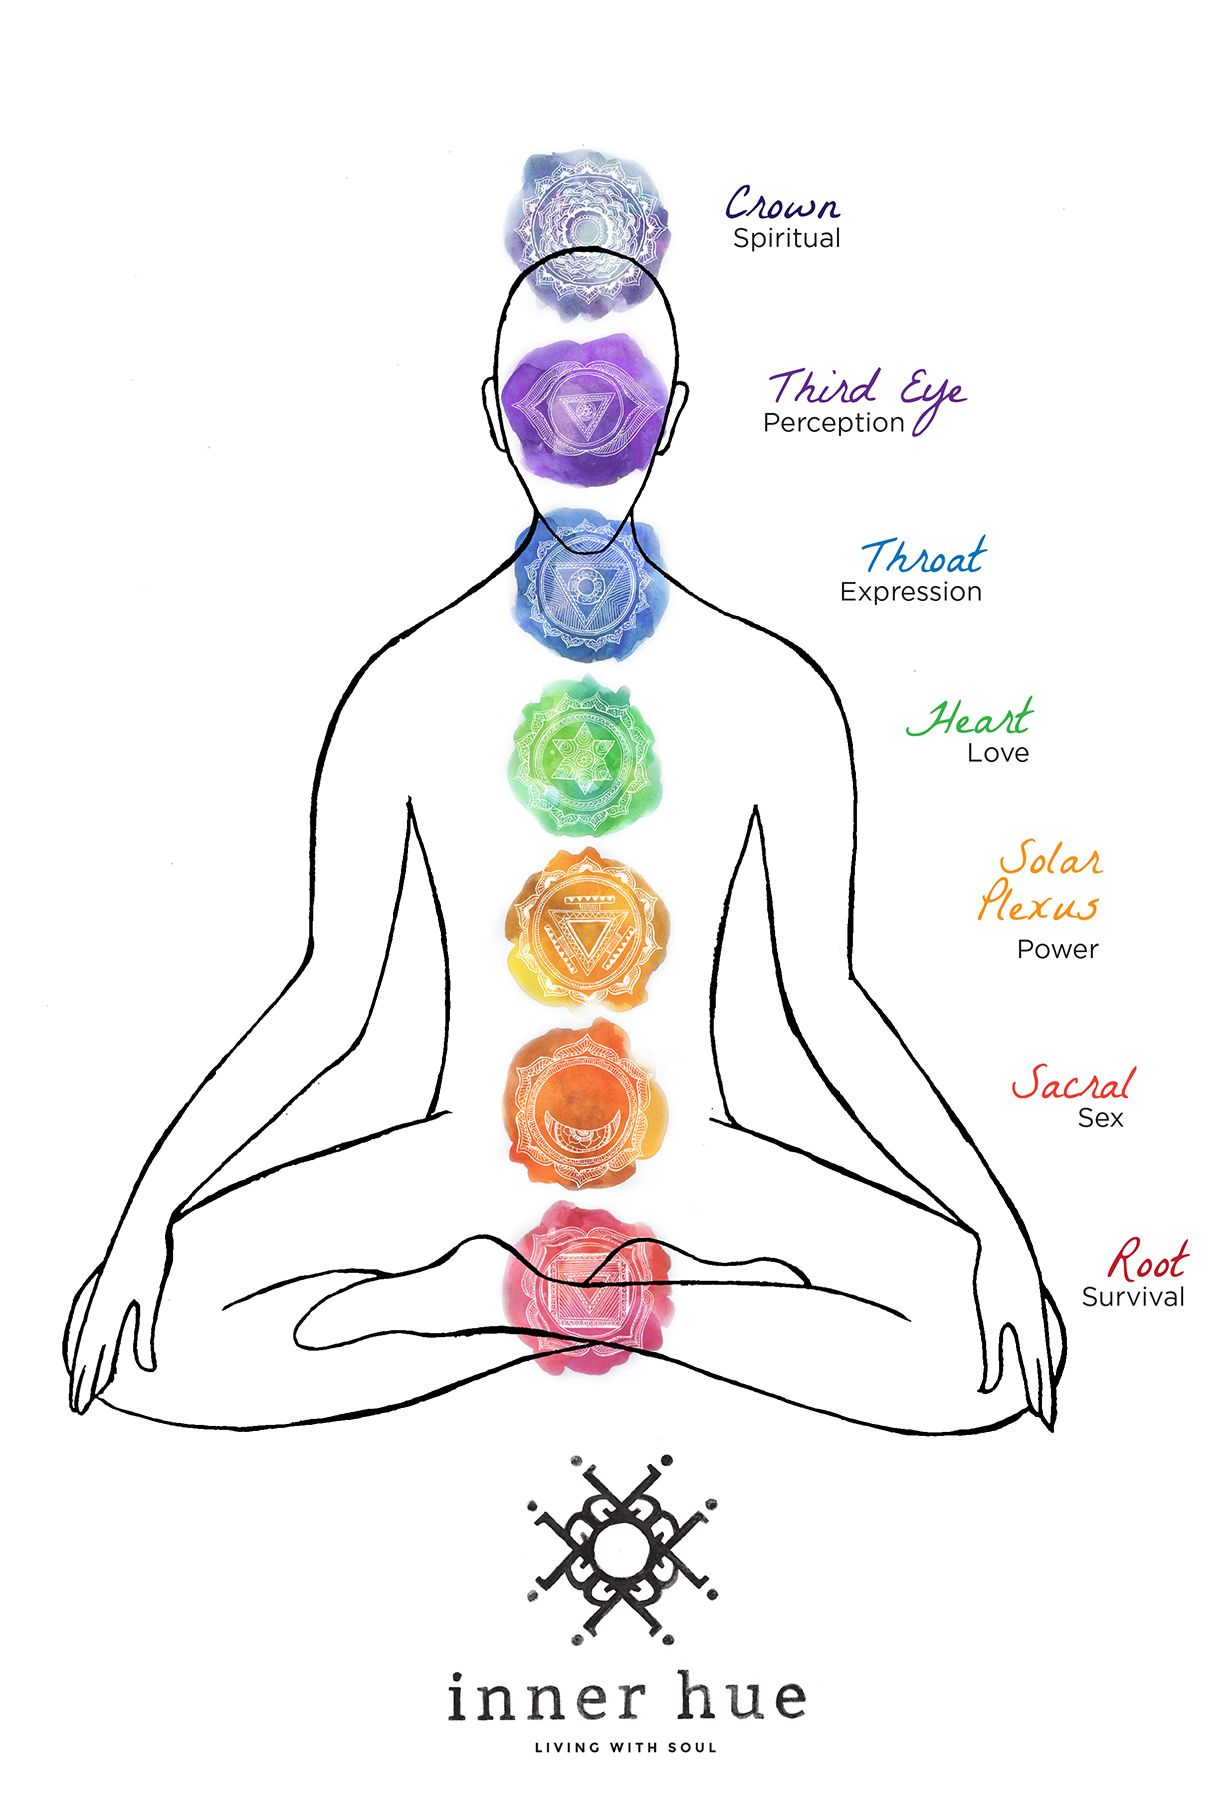 chakra diagram option 1 chakra system womens wellness chakra balancing chakra healing  [ 1220 x 1800 Pixel ]